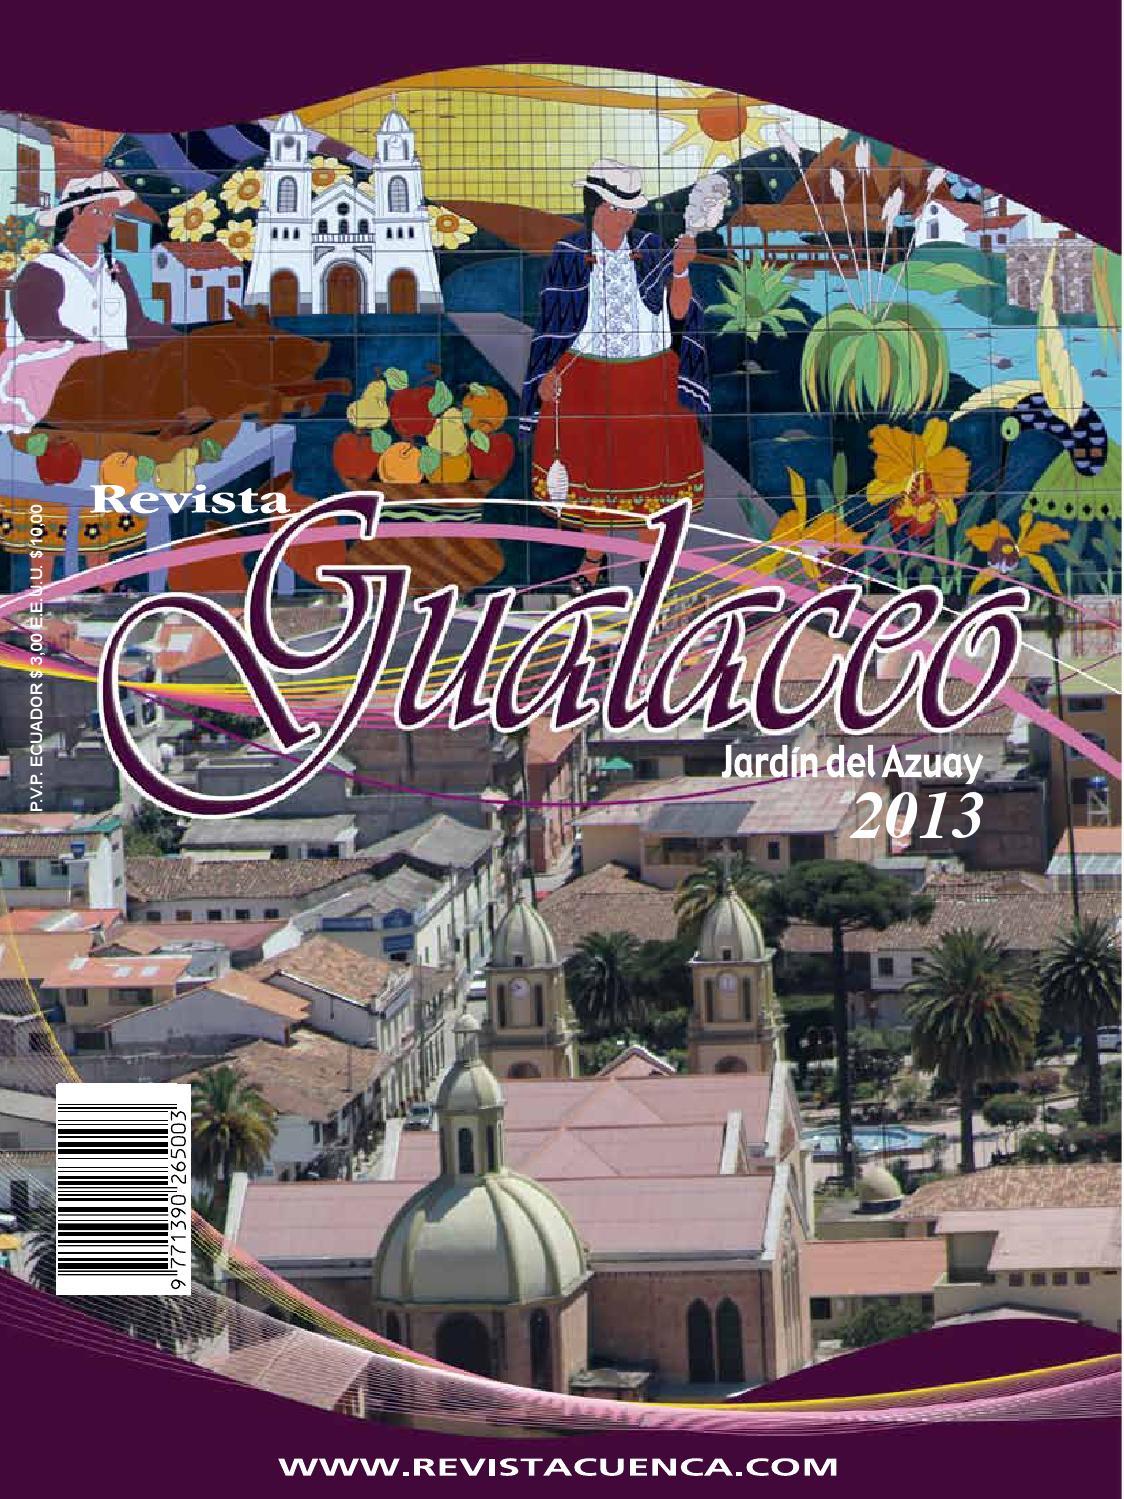 d9b34da9c0df7 Gualaceo 2013 by Revista Cuenca - issuu